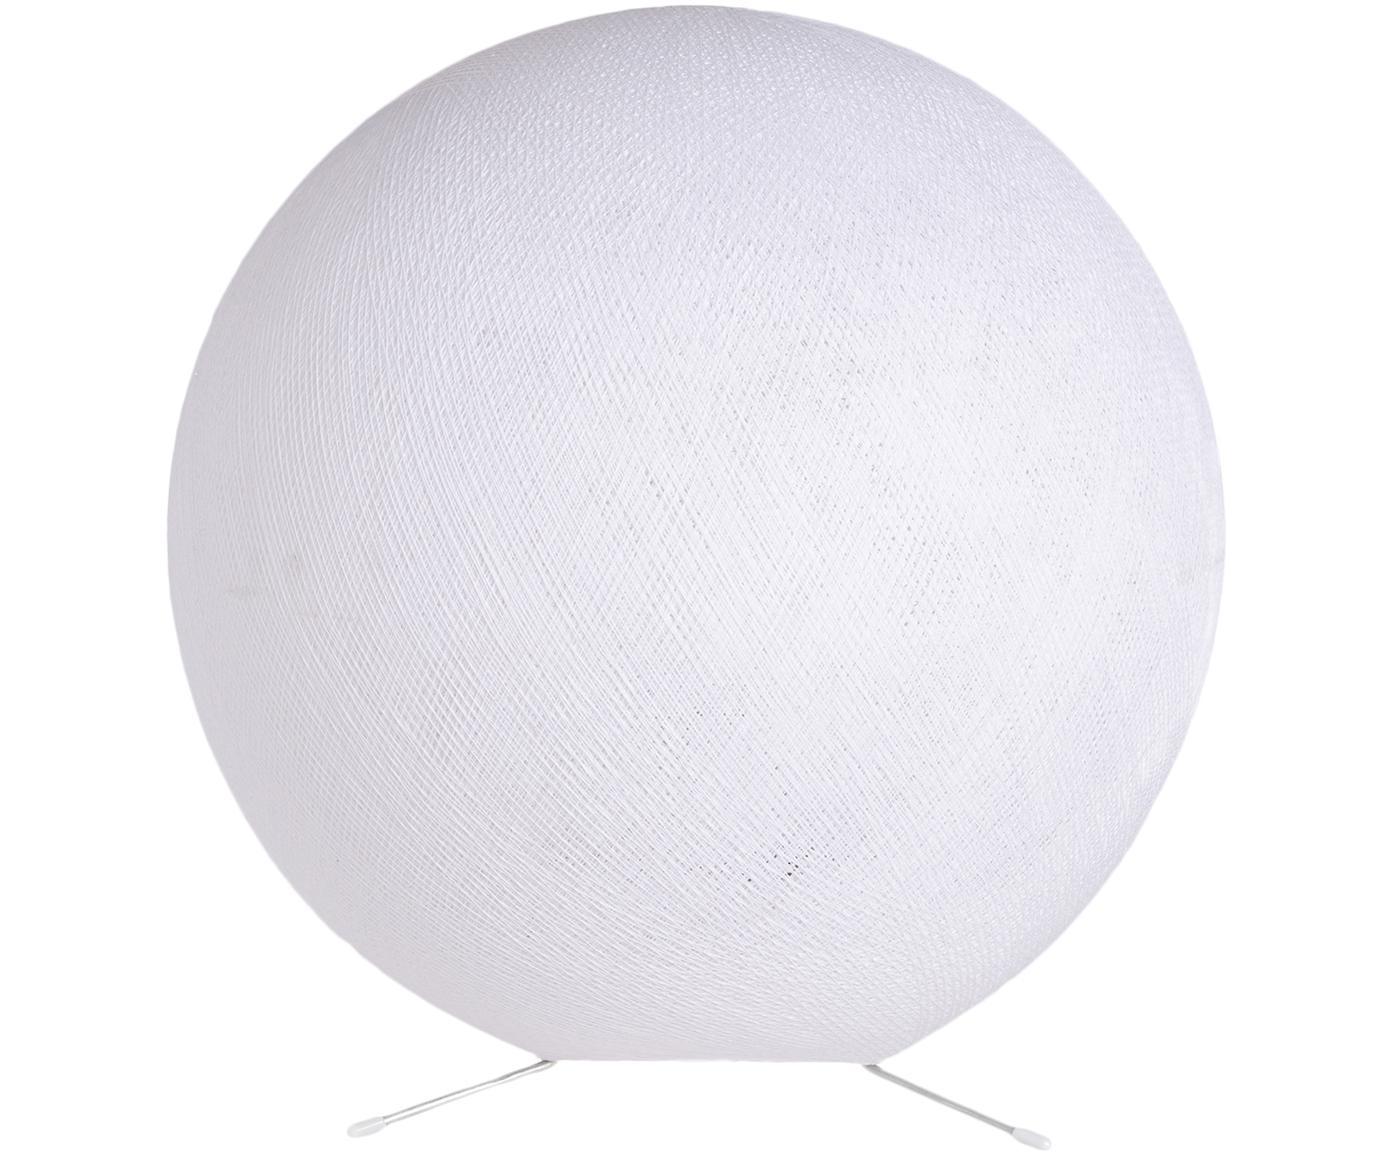 Lampada da tavolo Colorain, Bianco, Ø 36 cm